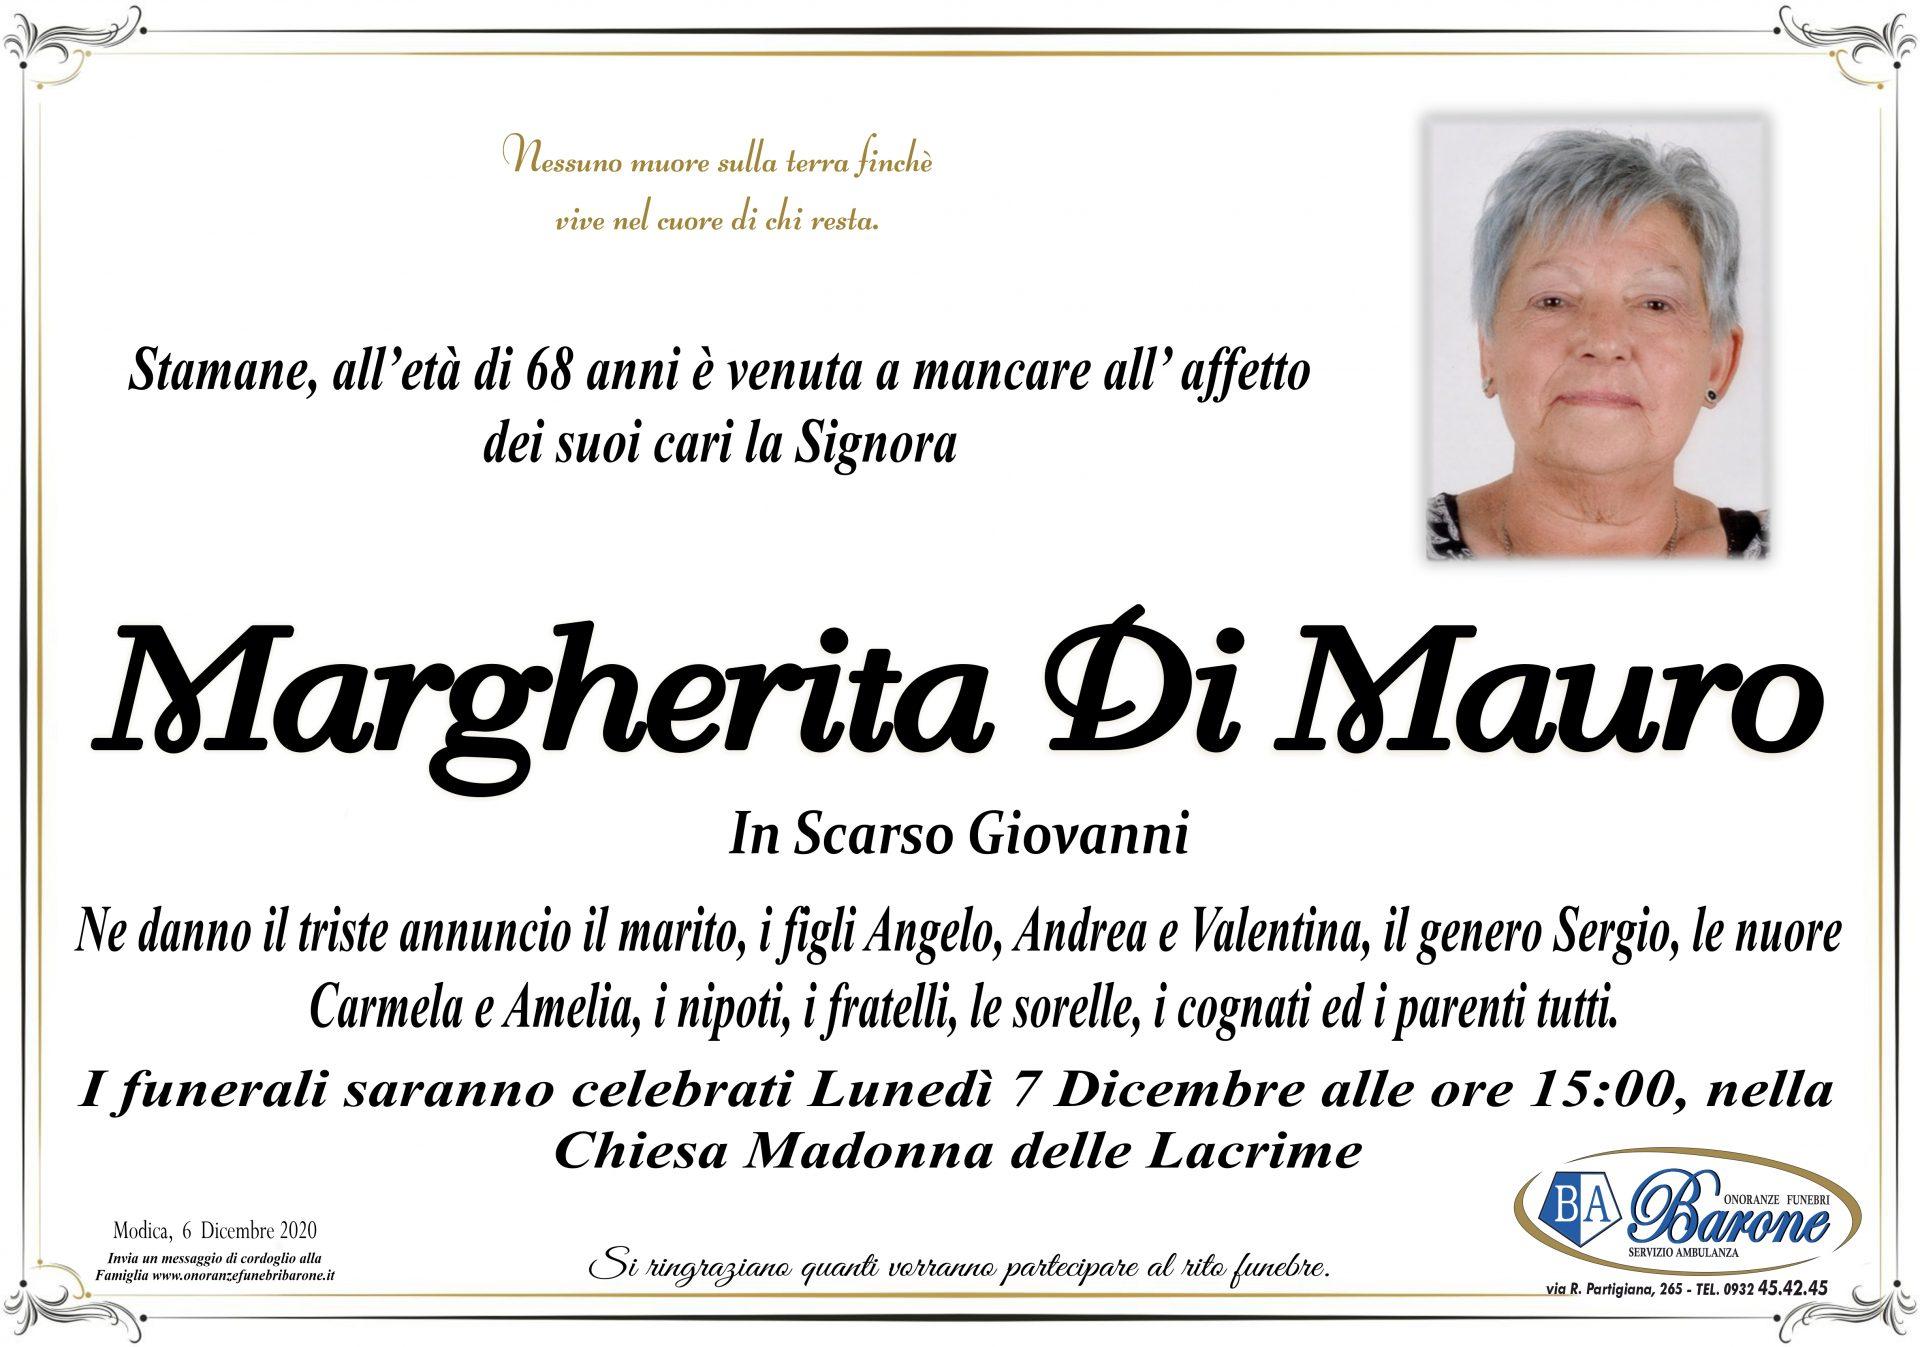 Margherita Di Mauro